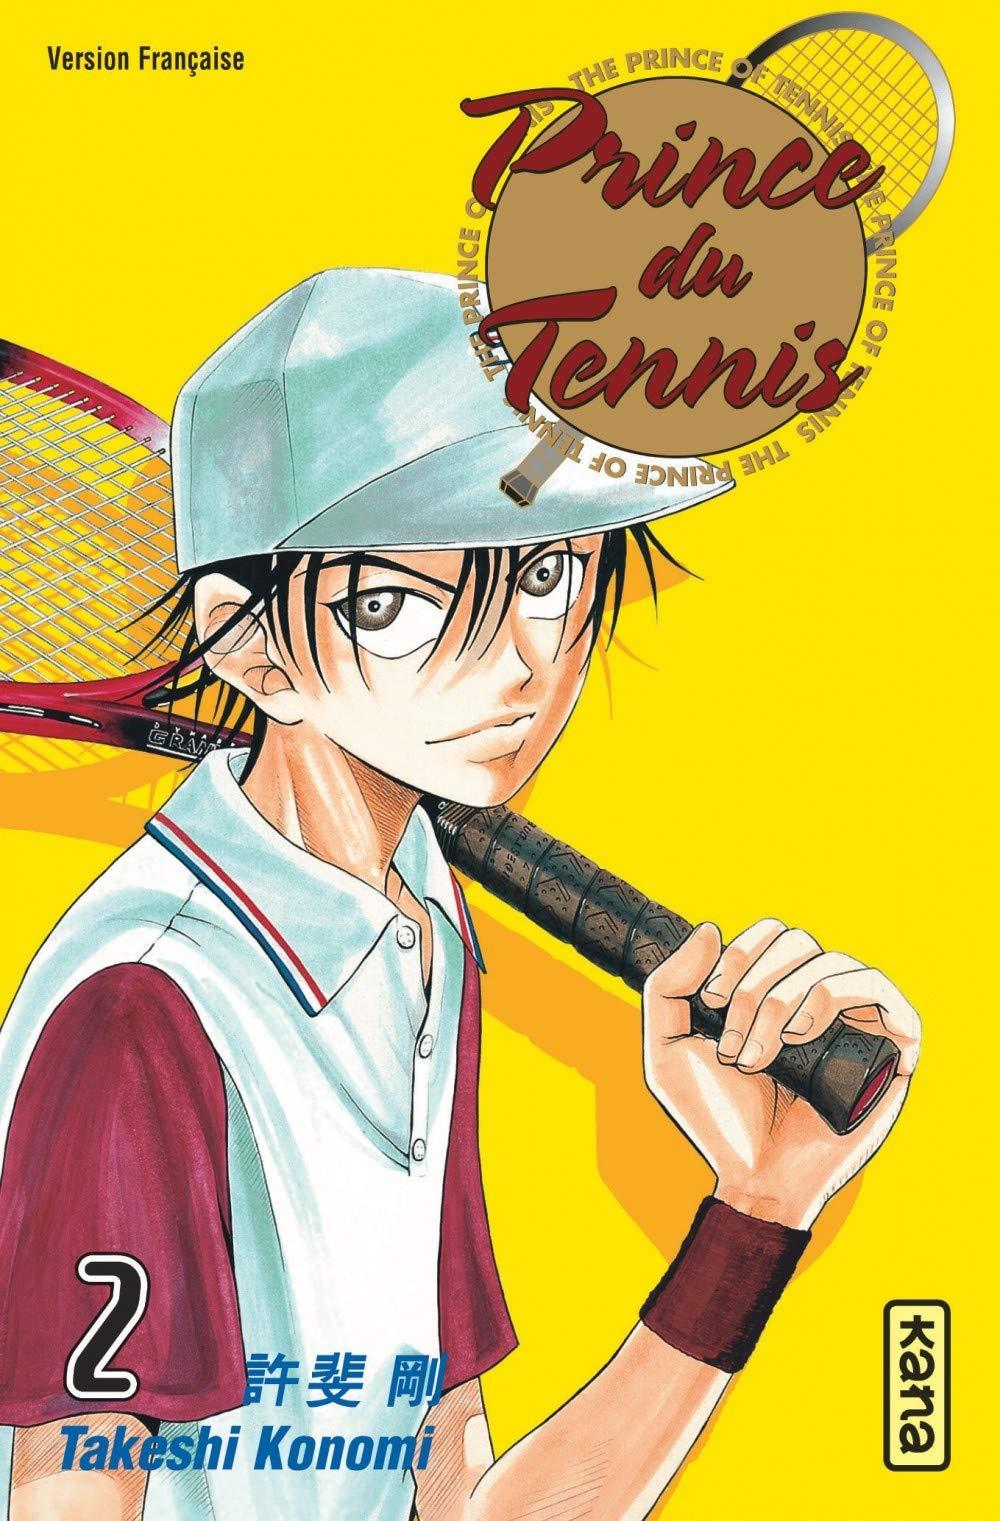 Couverture du deuxième tome de la série Prince du tennis de Takeshi Konomi